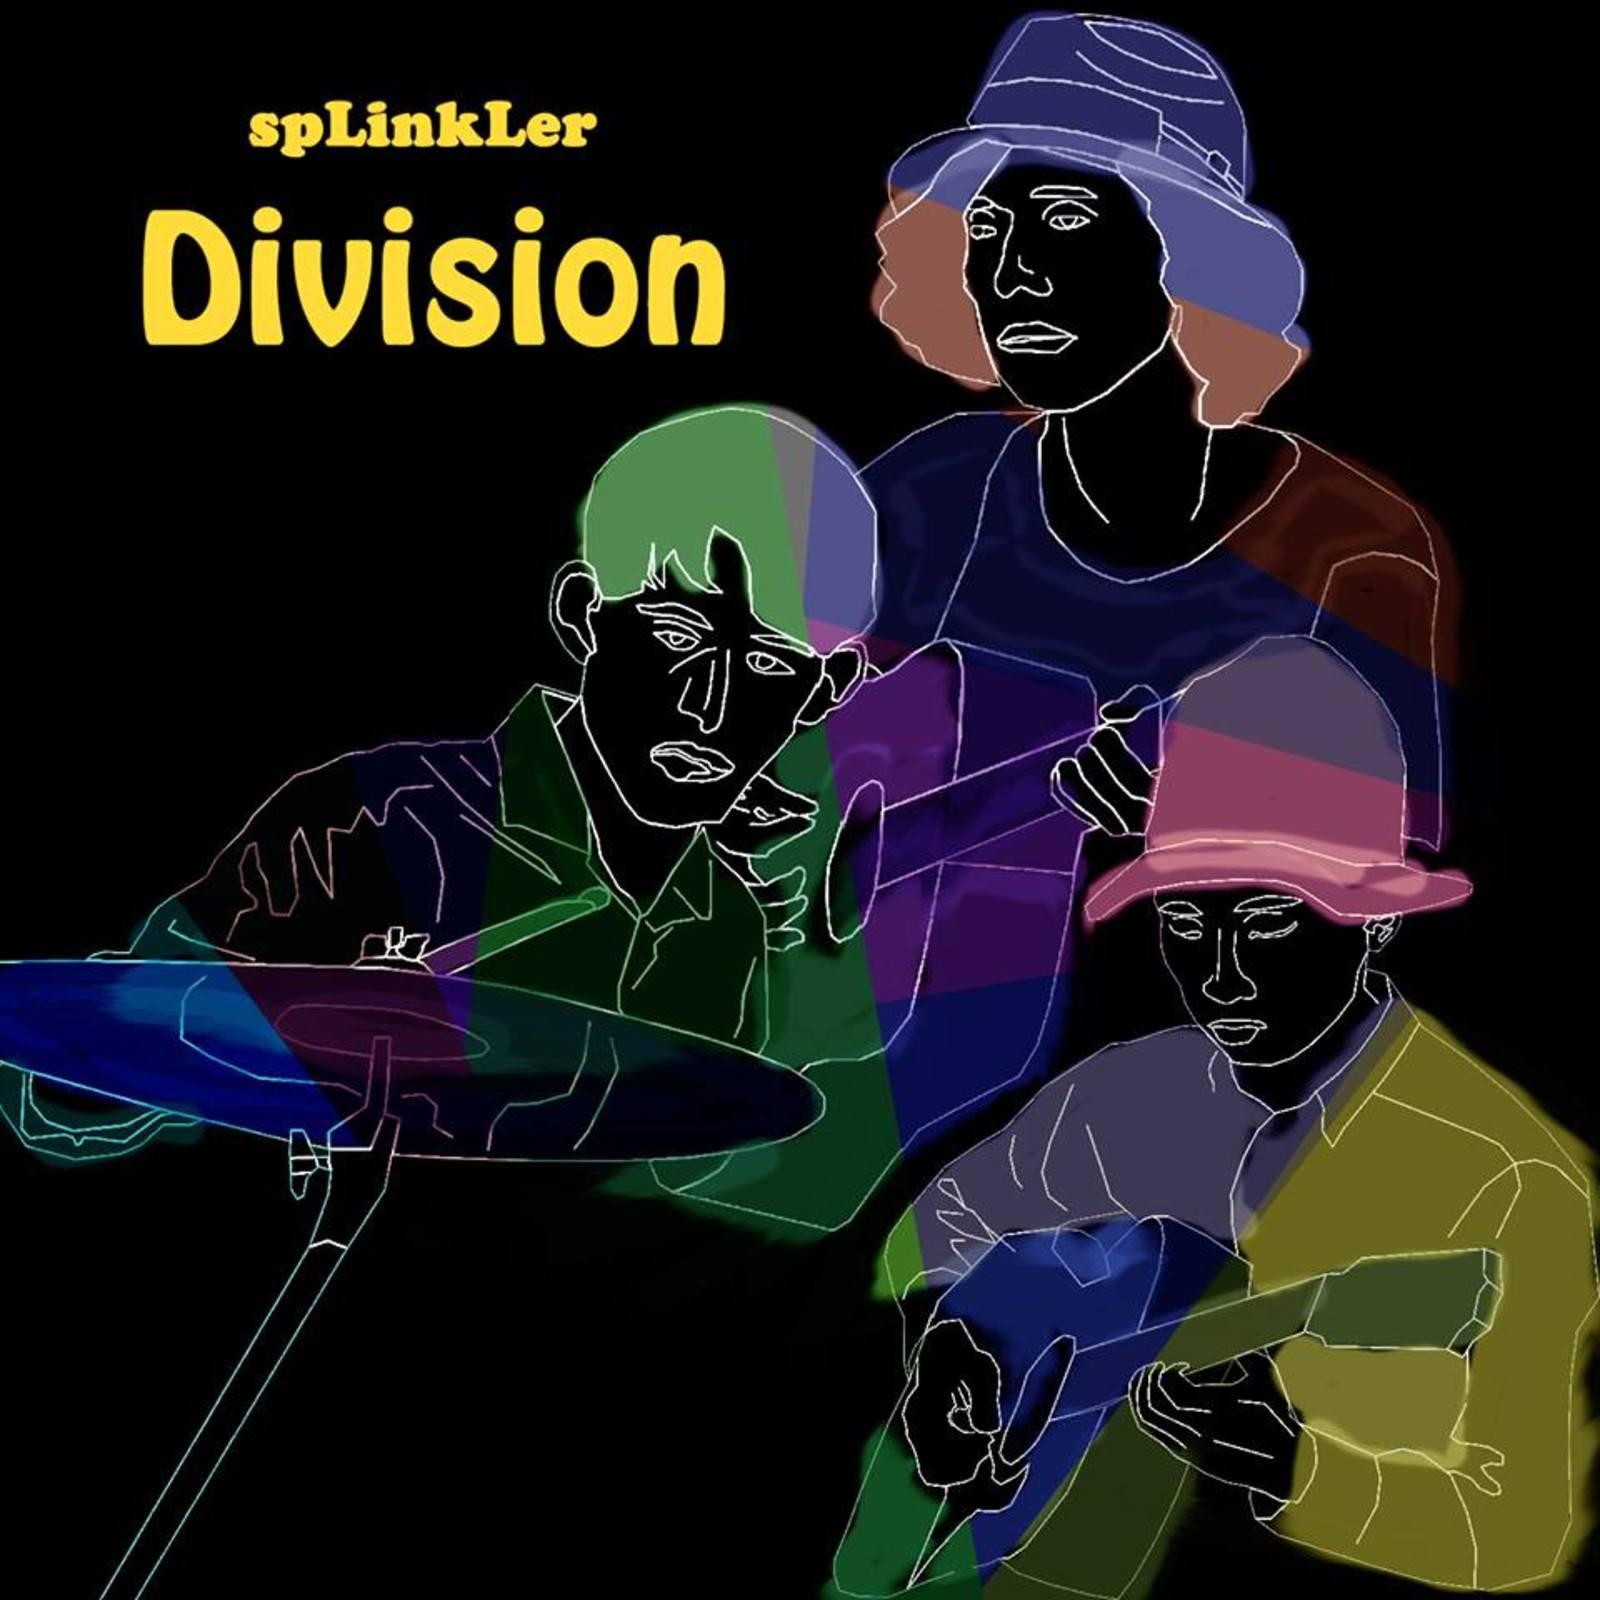 spLinkLer